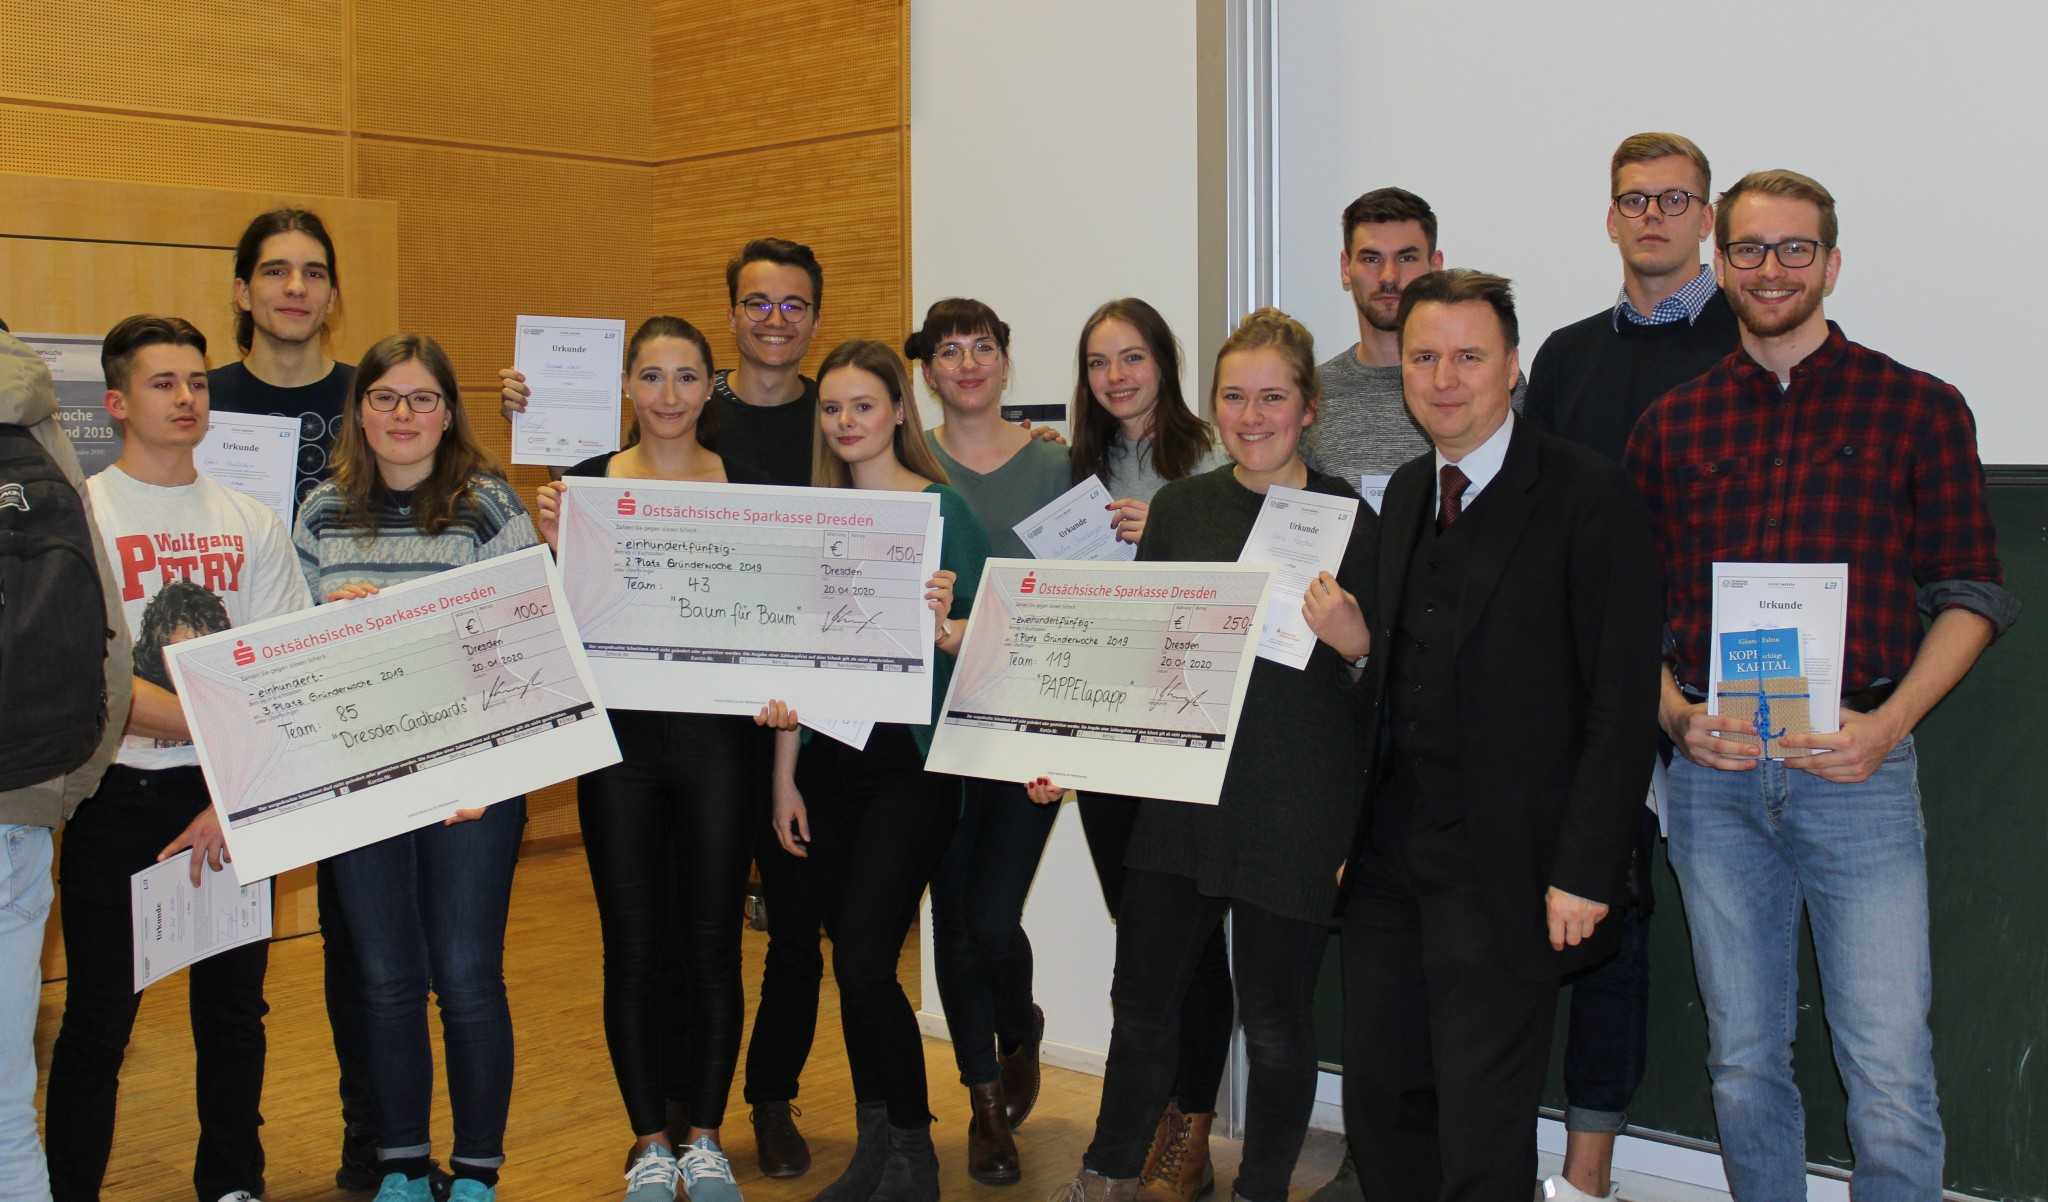 Die glücklichen Preisträger der Gründerwoche Dresden 2019